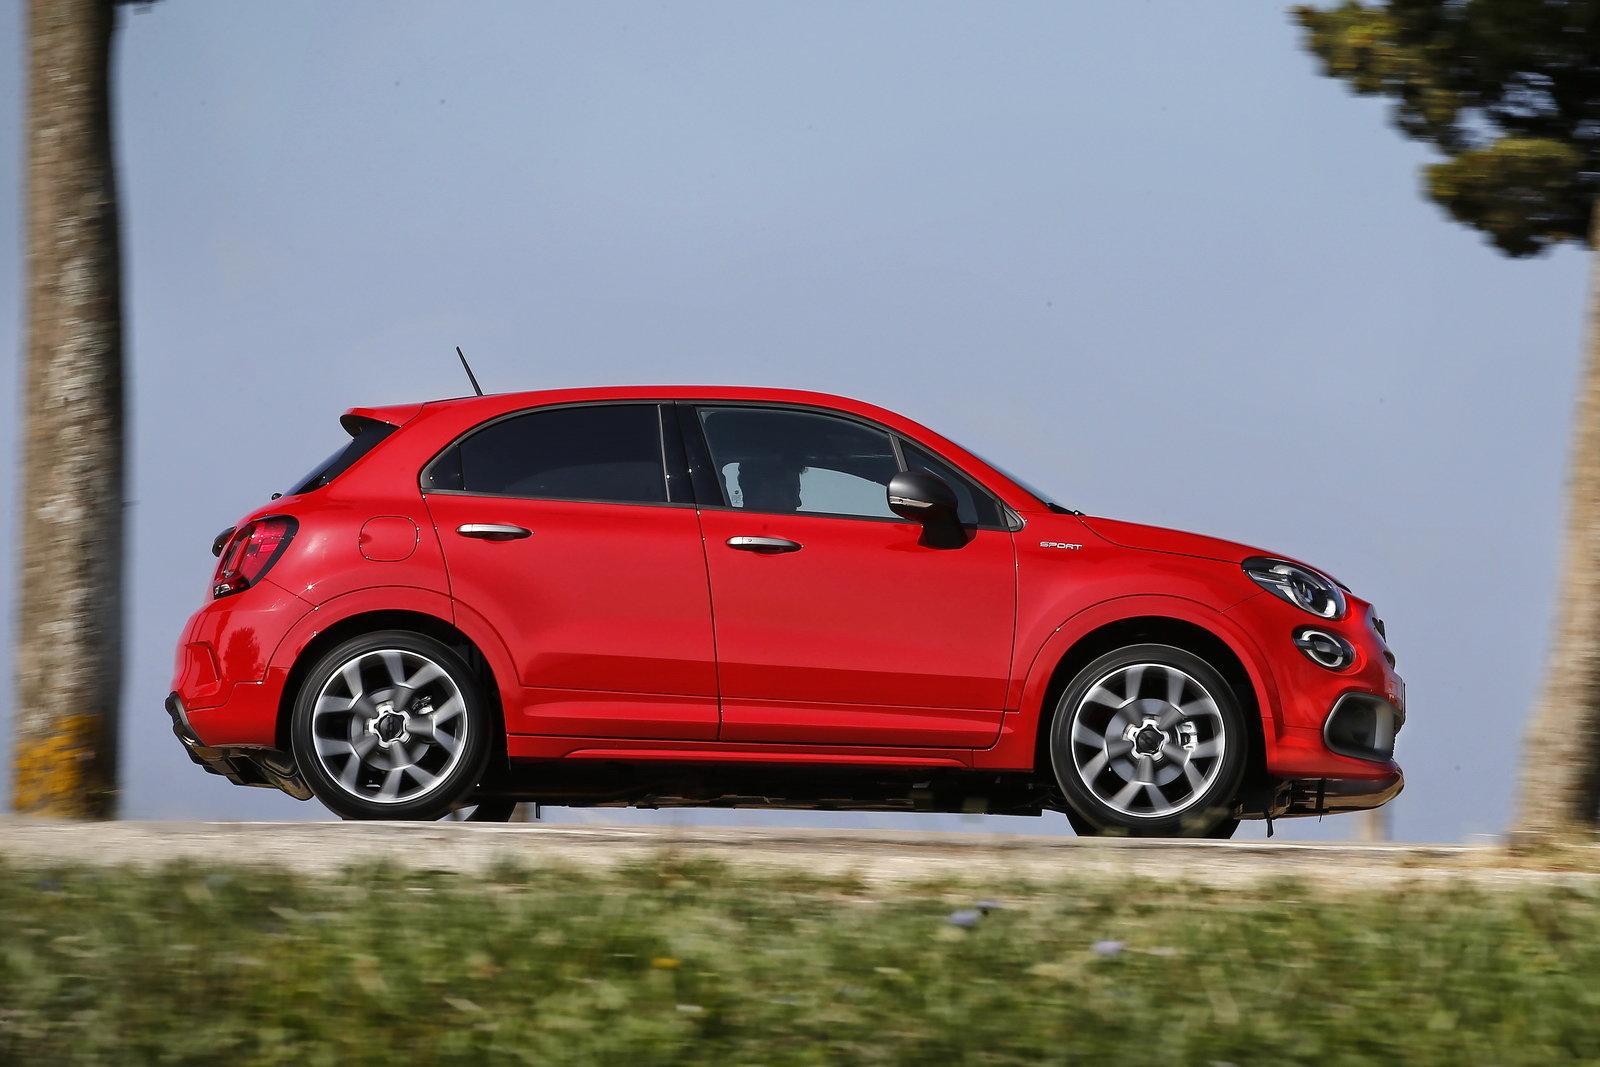 Fiat 500x Prova Scheda Tecnica Opinioni E Dimensioni 1 3 T4 150 Cv Sport Dct